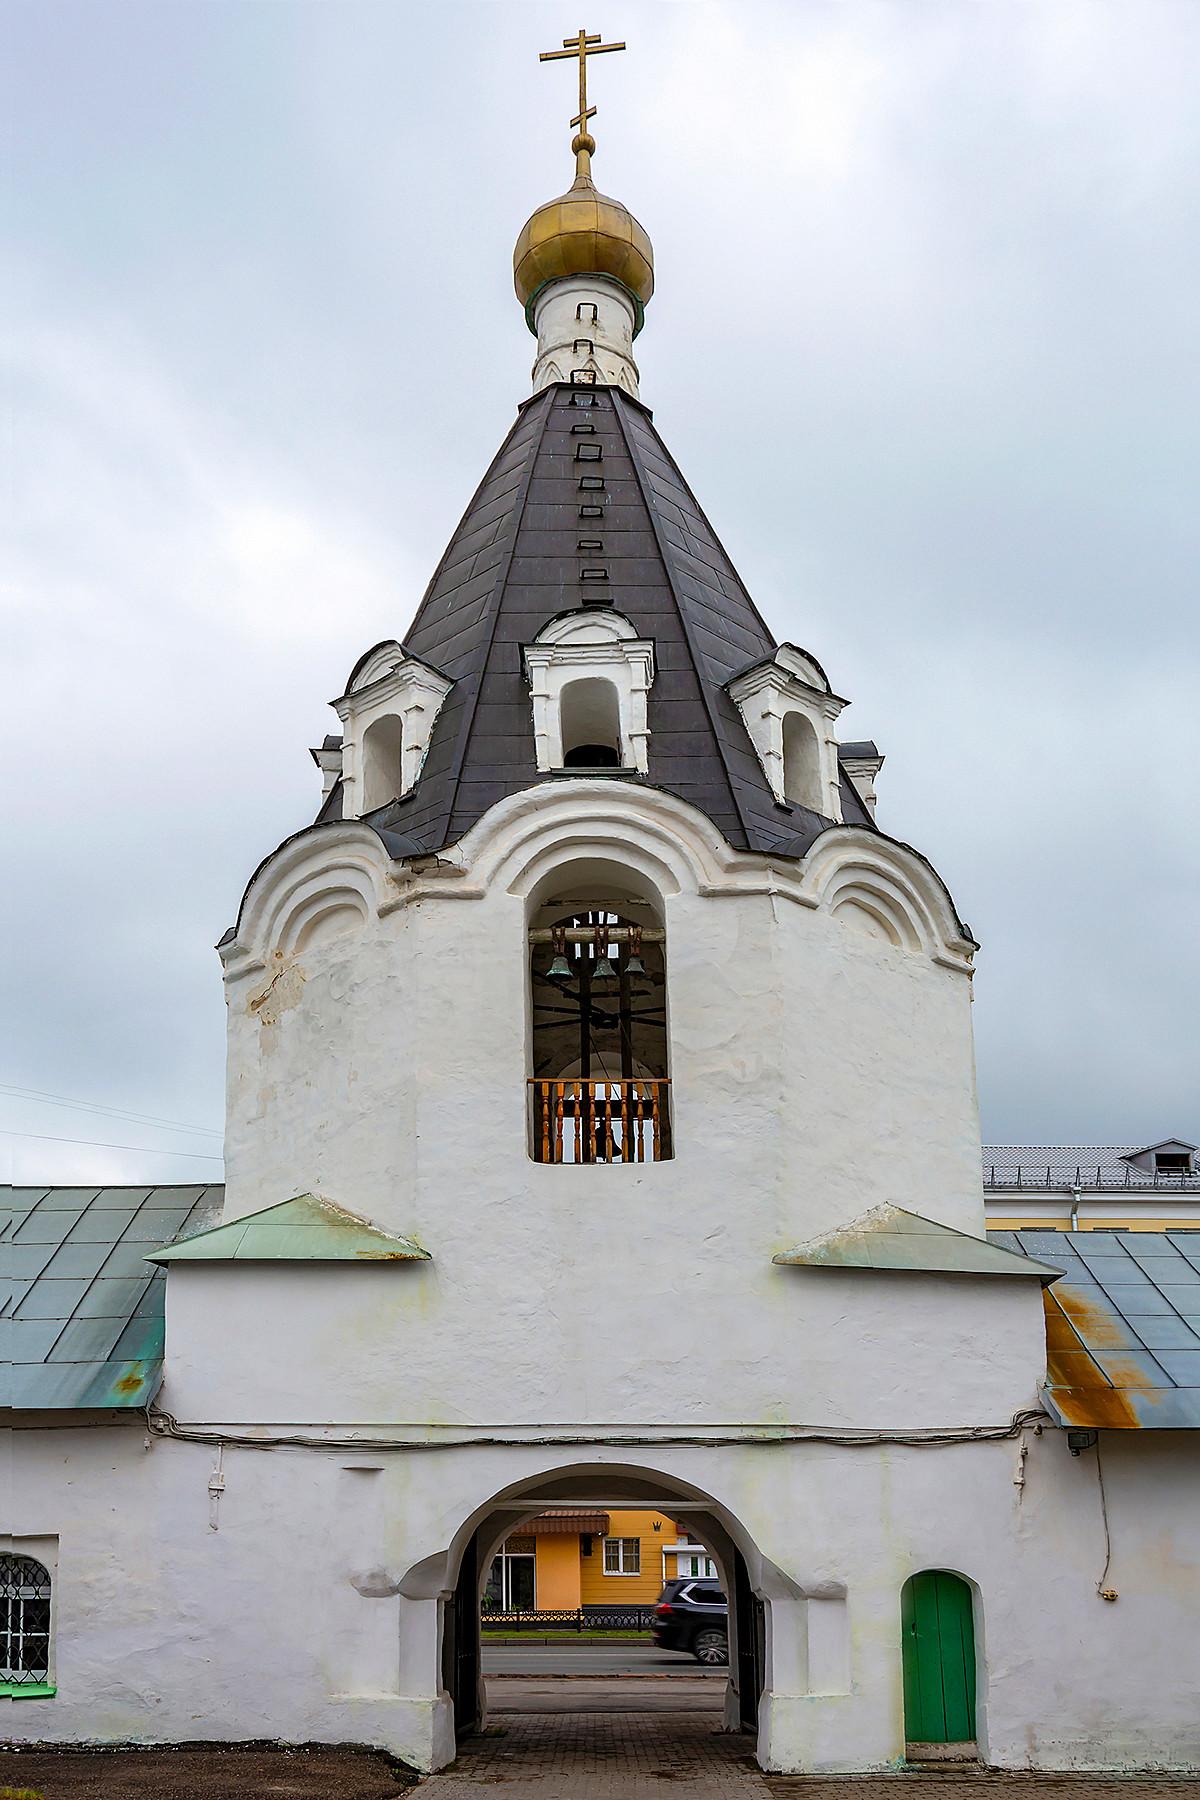 Kirche des Erzengels Michael mit einem Glockenturm